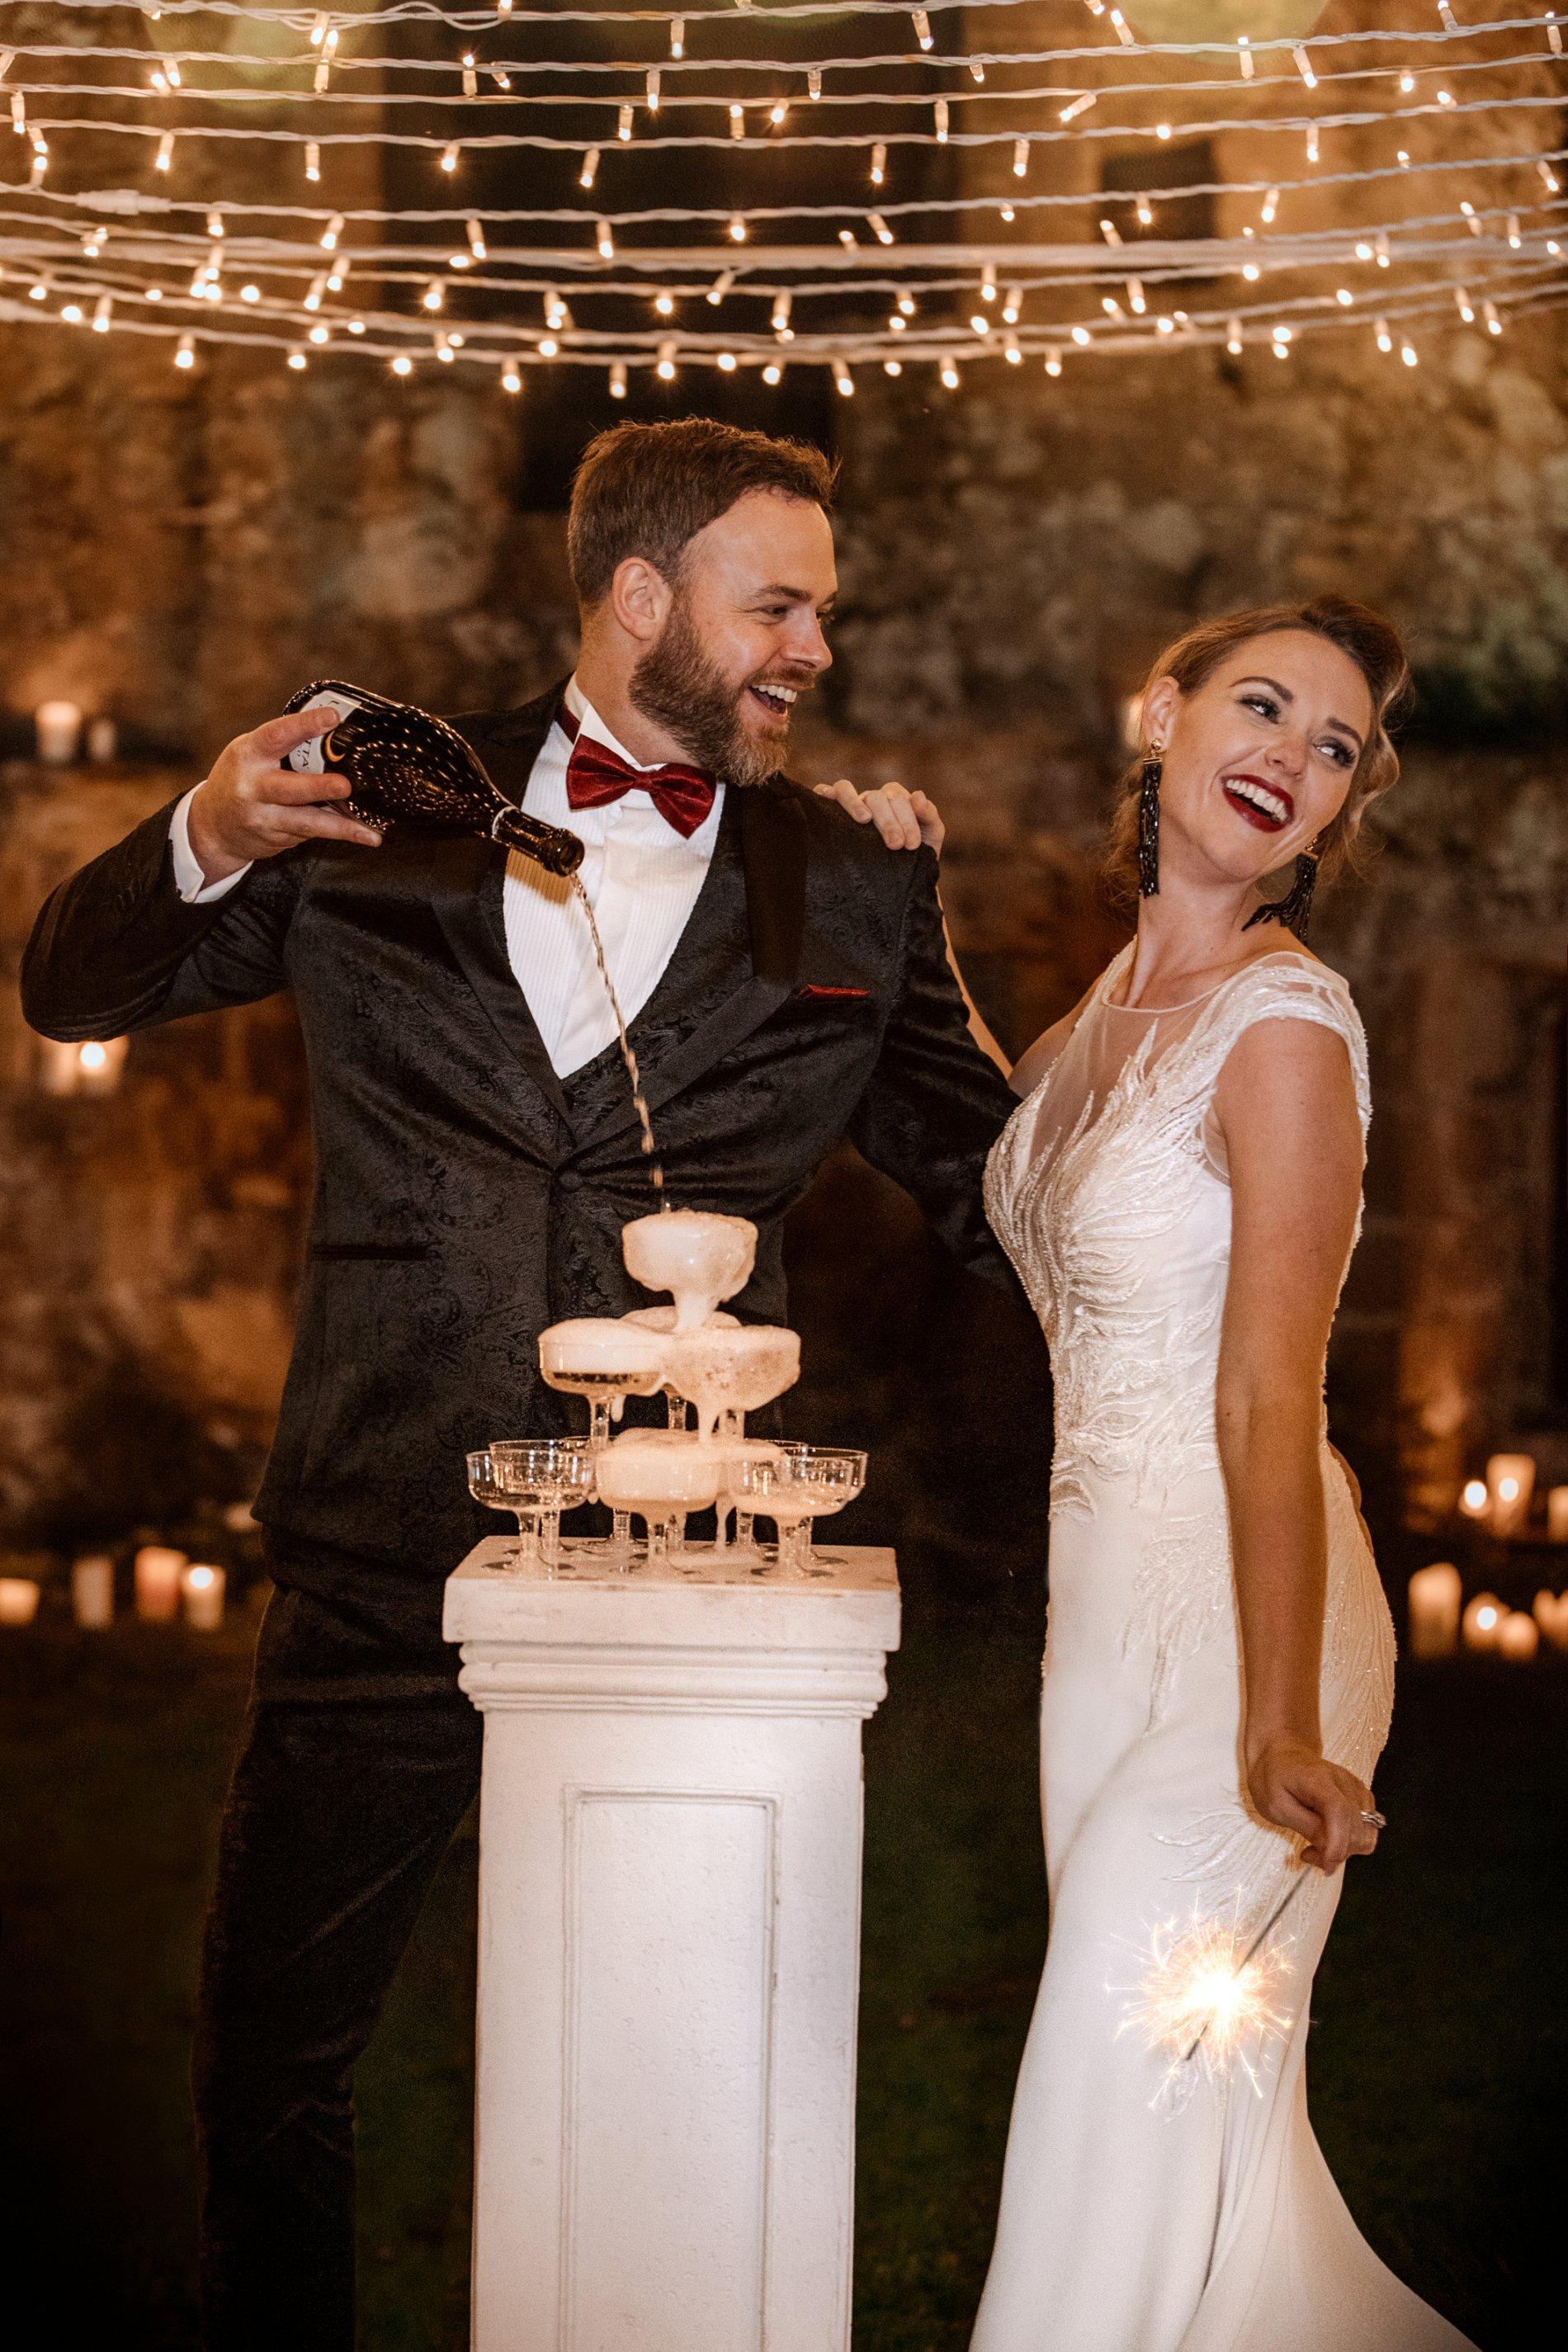 An Elegant Wedding Shoot at Jervaulx Abbey (c) Natalie Hamilton Photography (102)